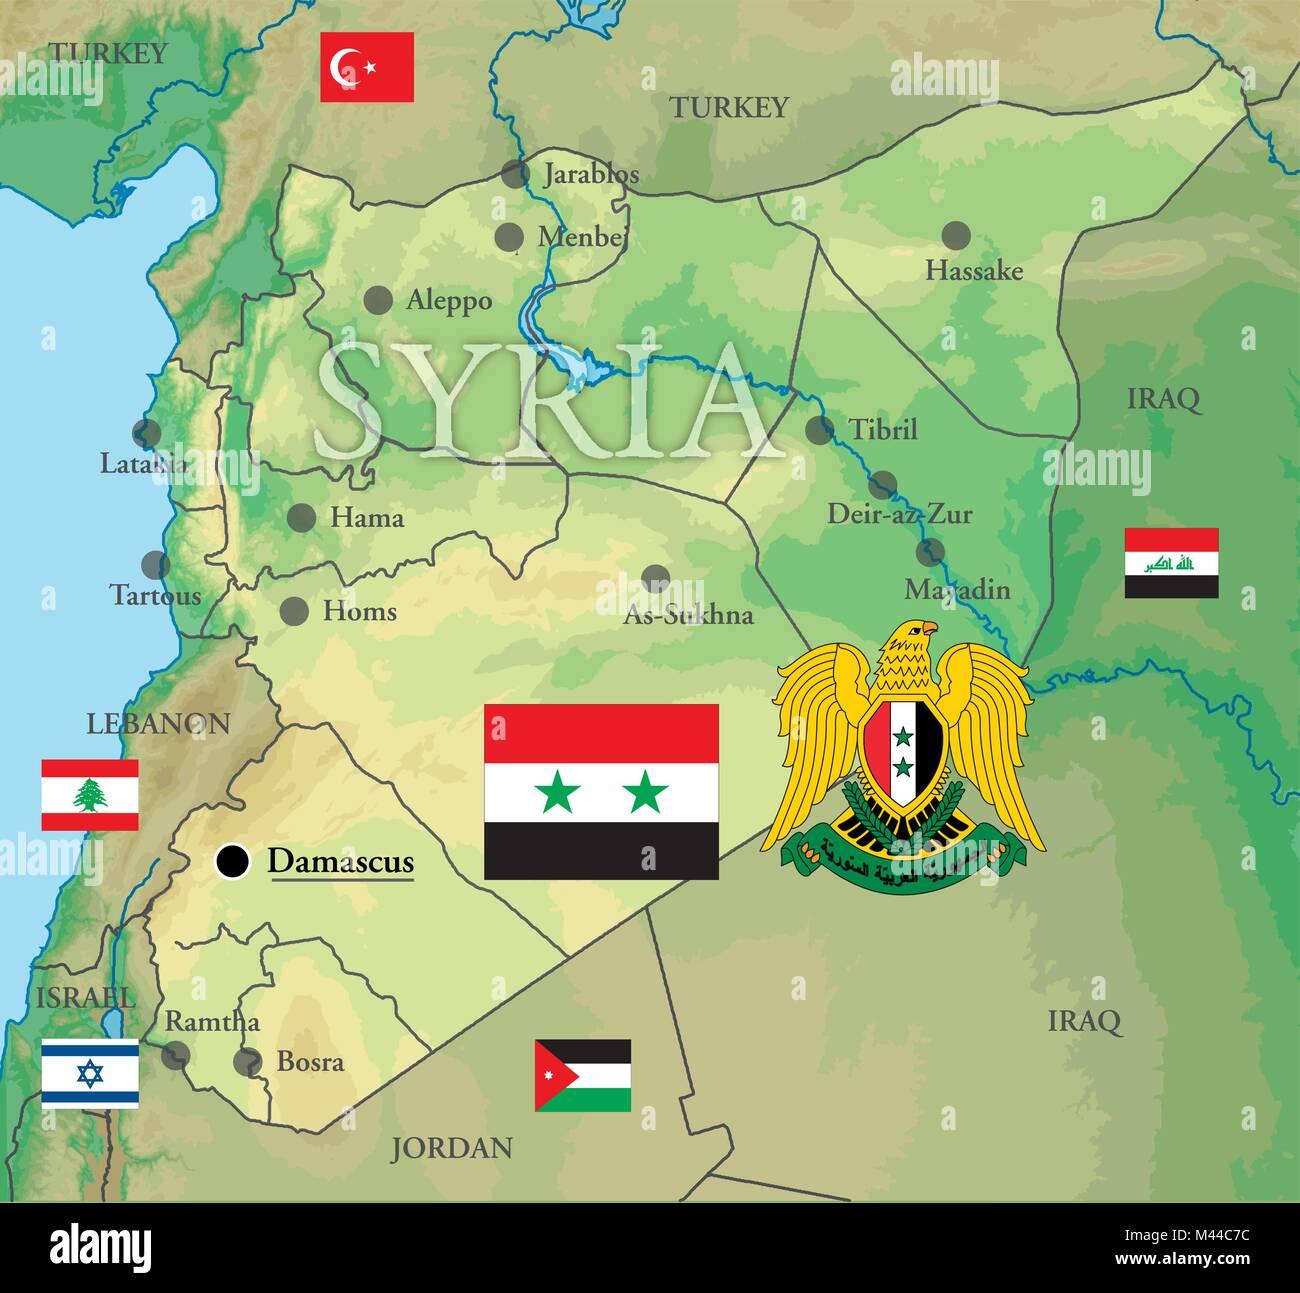 Syrien Karte Krieg.Syrien Karte Grenzen Und Flags Vektor Abbildung Bild 174659728